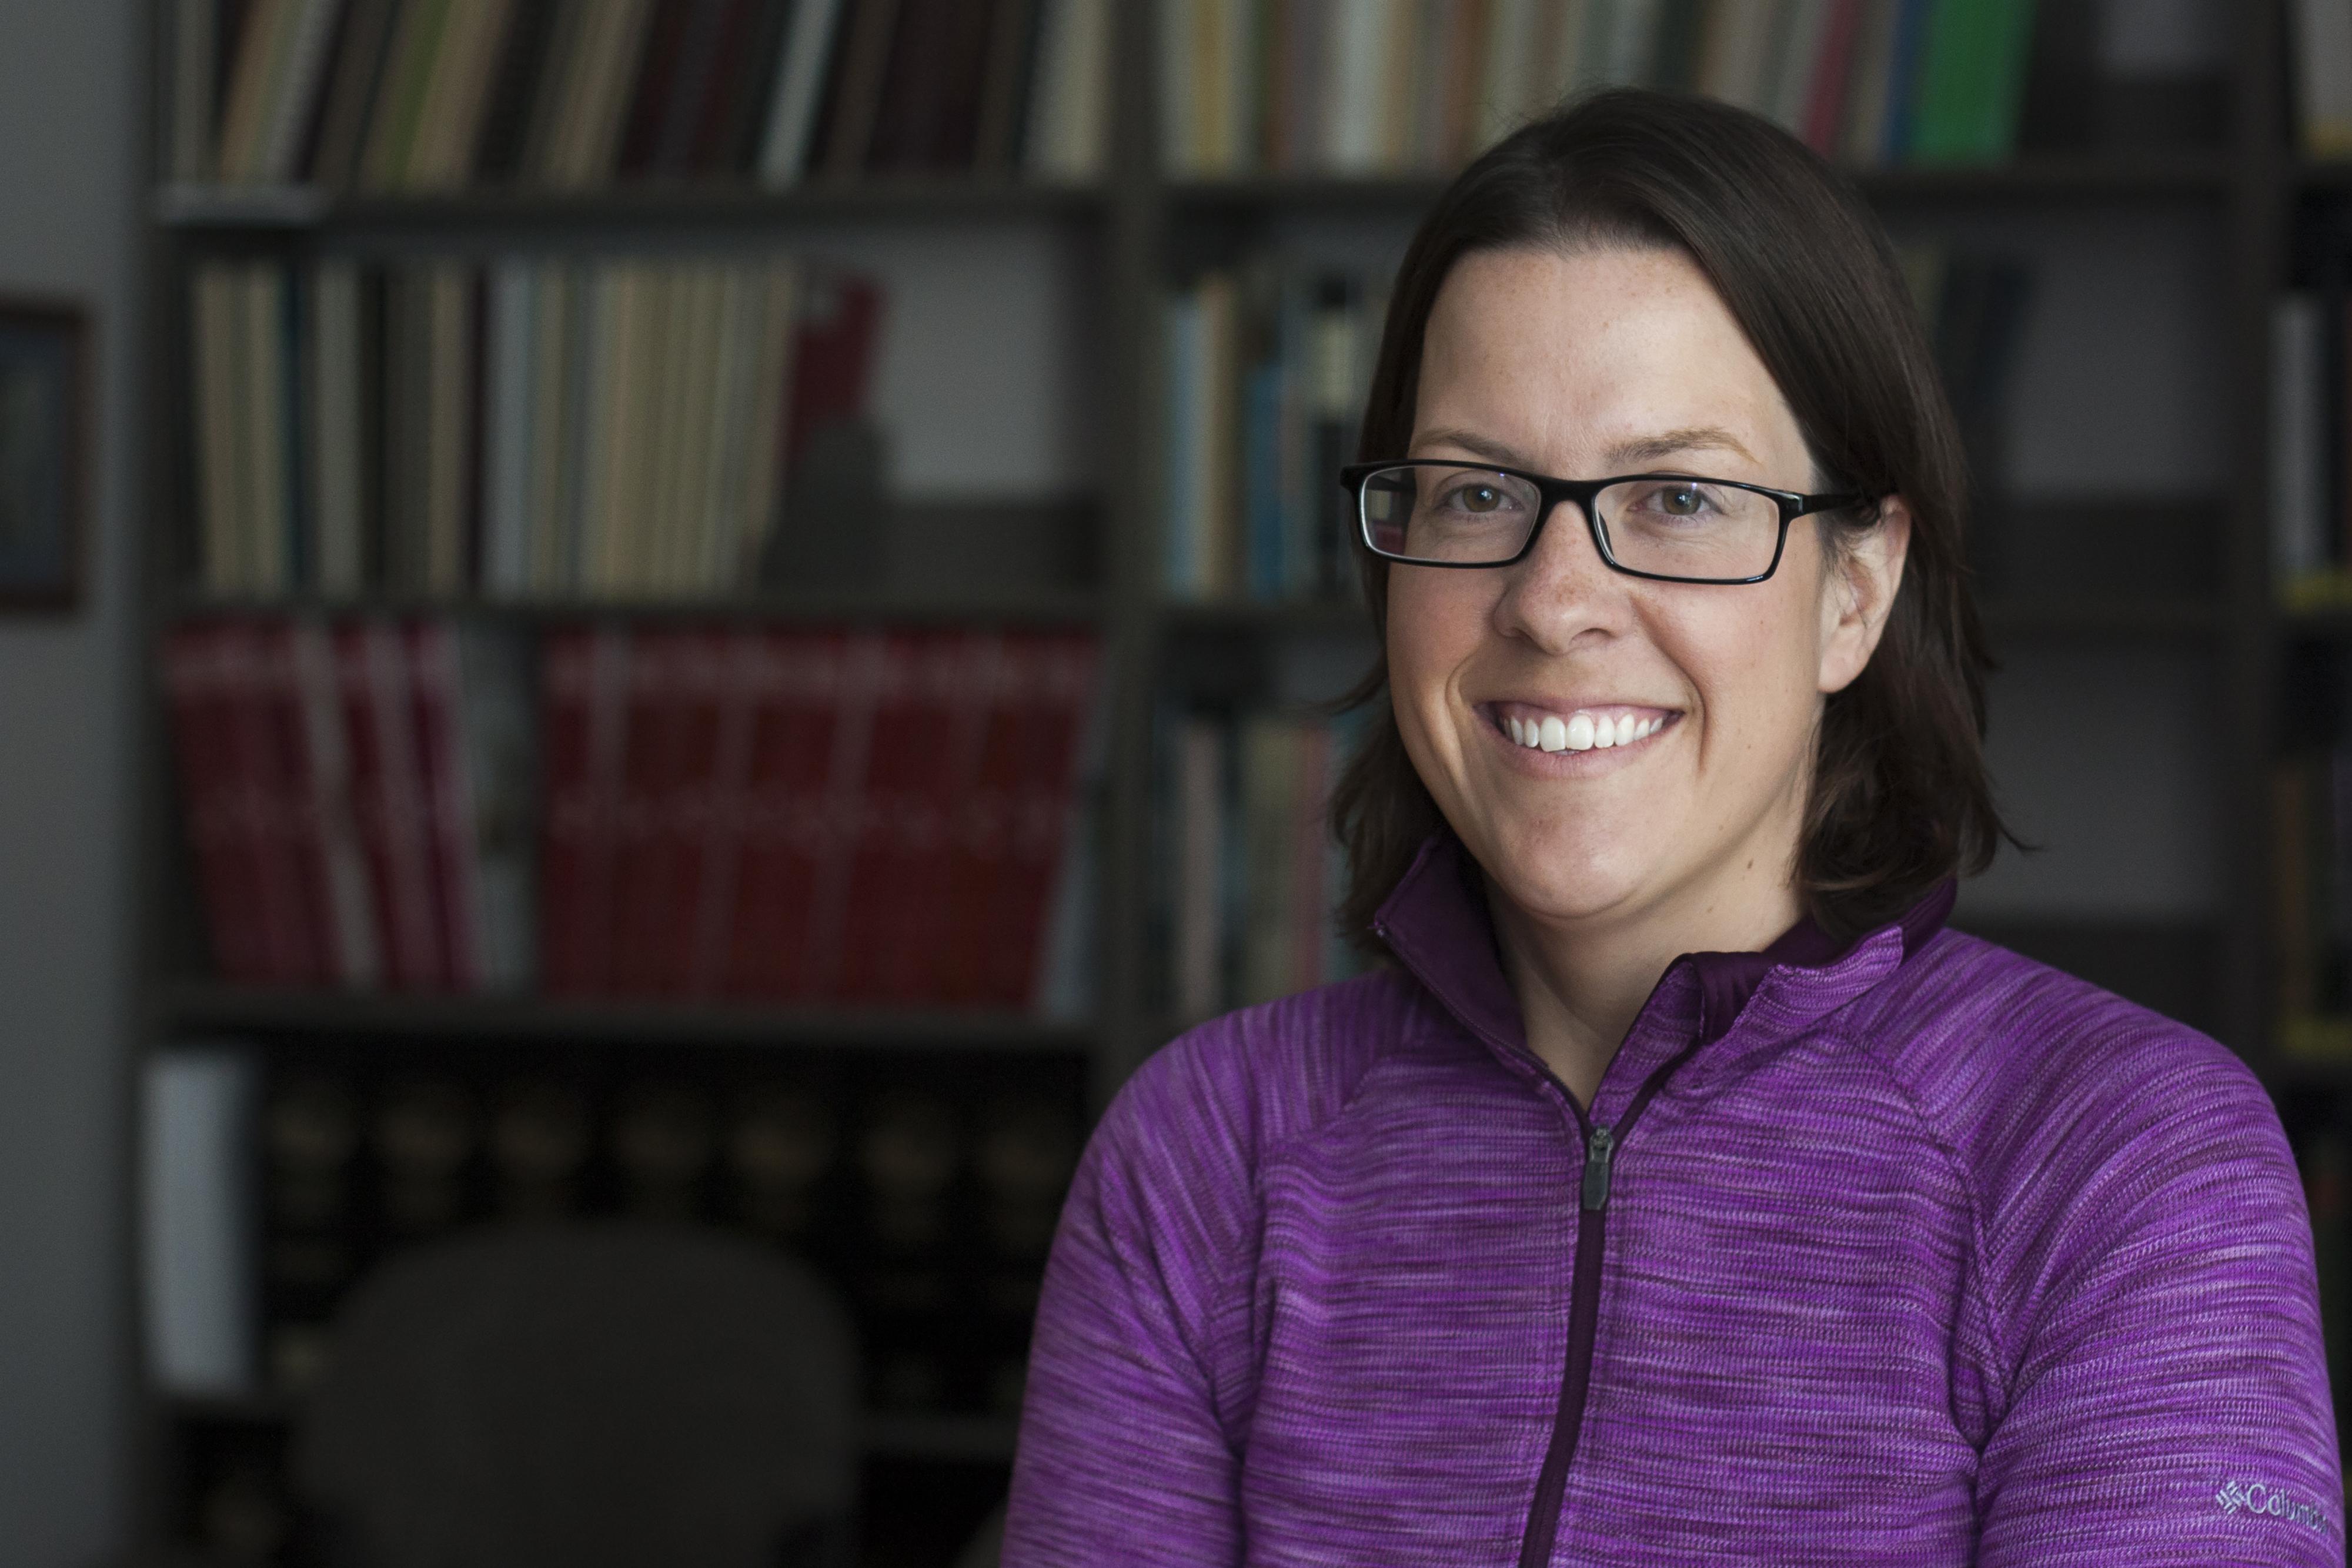 Brandi S. Coyner, Ph.D.